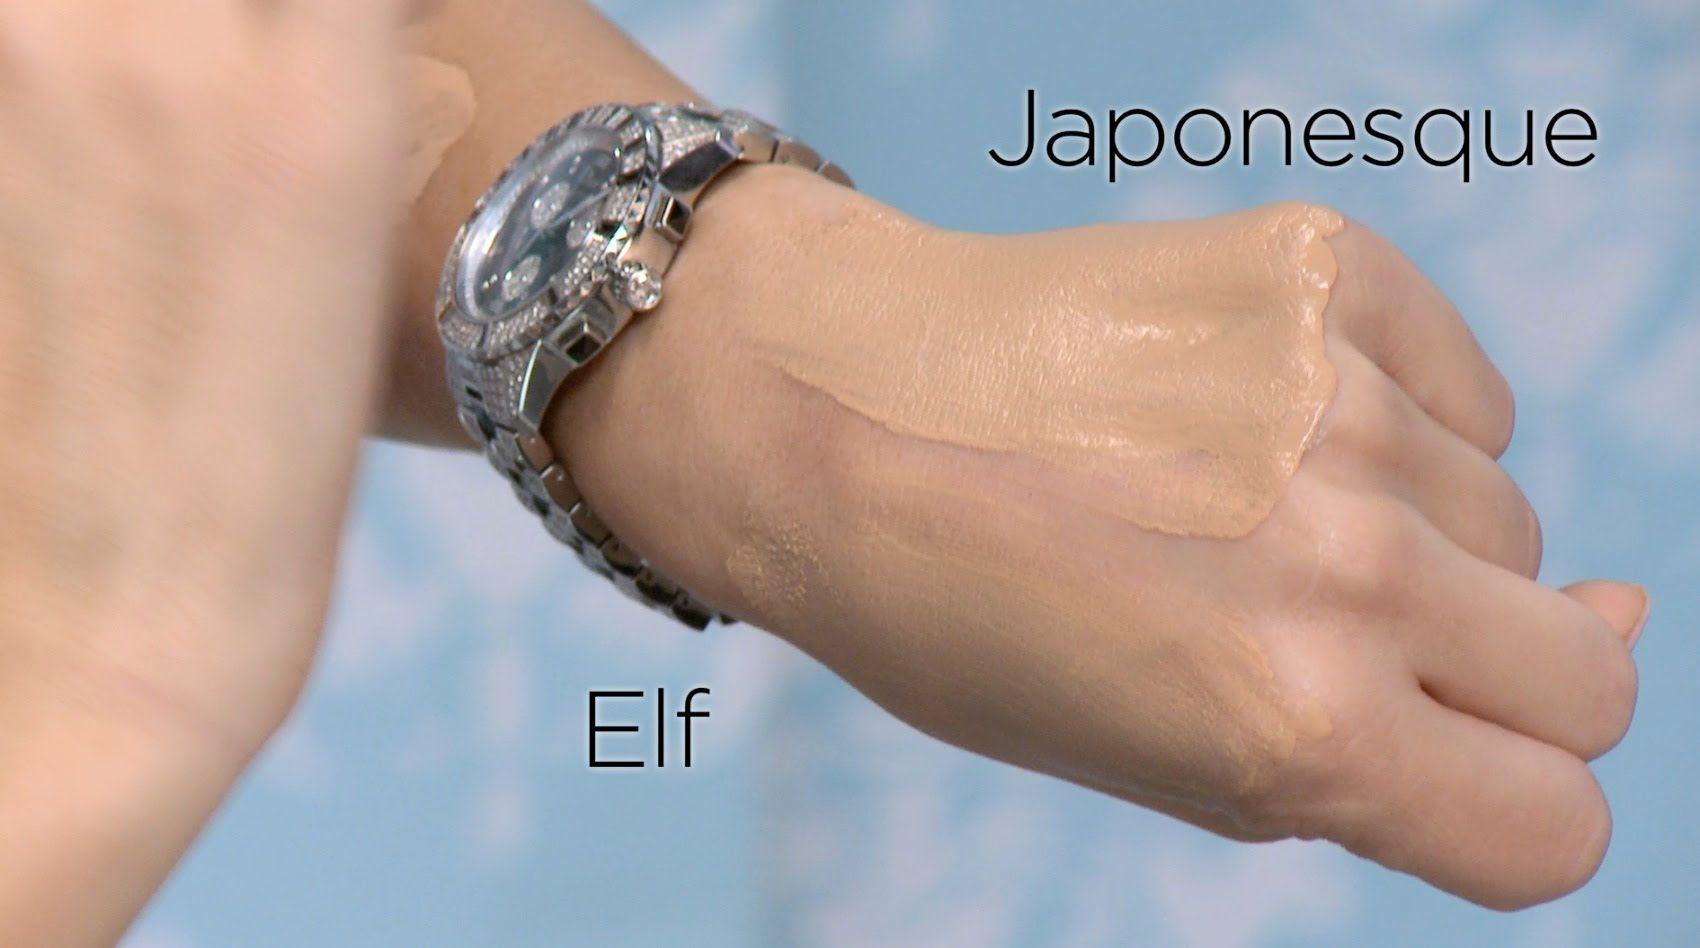 Product Review Japonesque Primer Vs. Elf Primer Elf primer